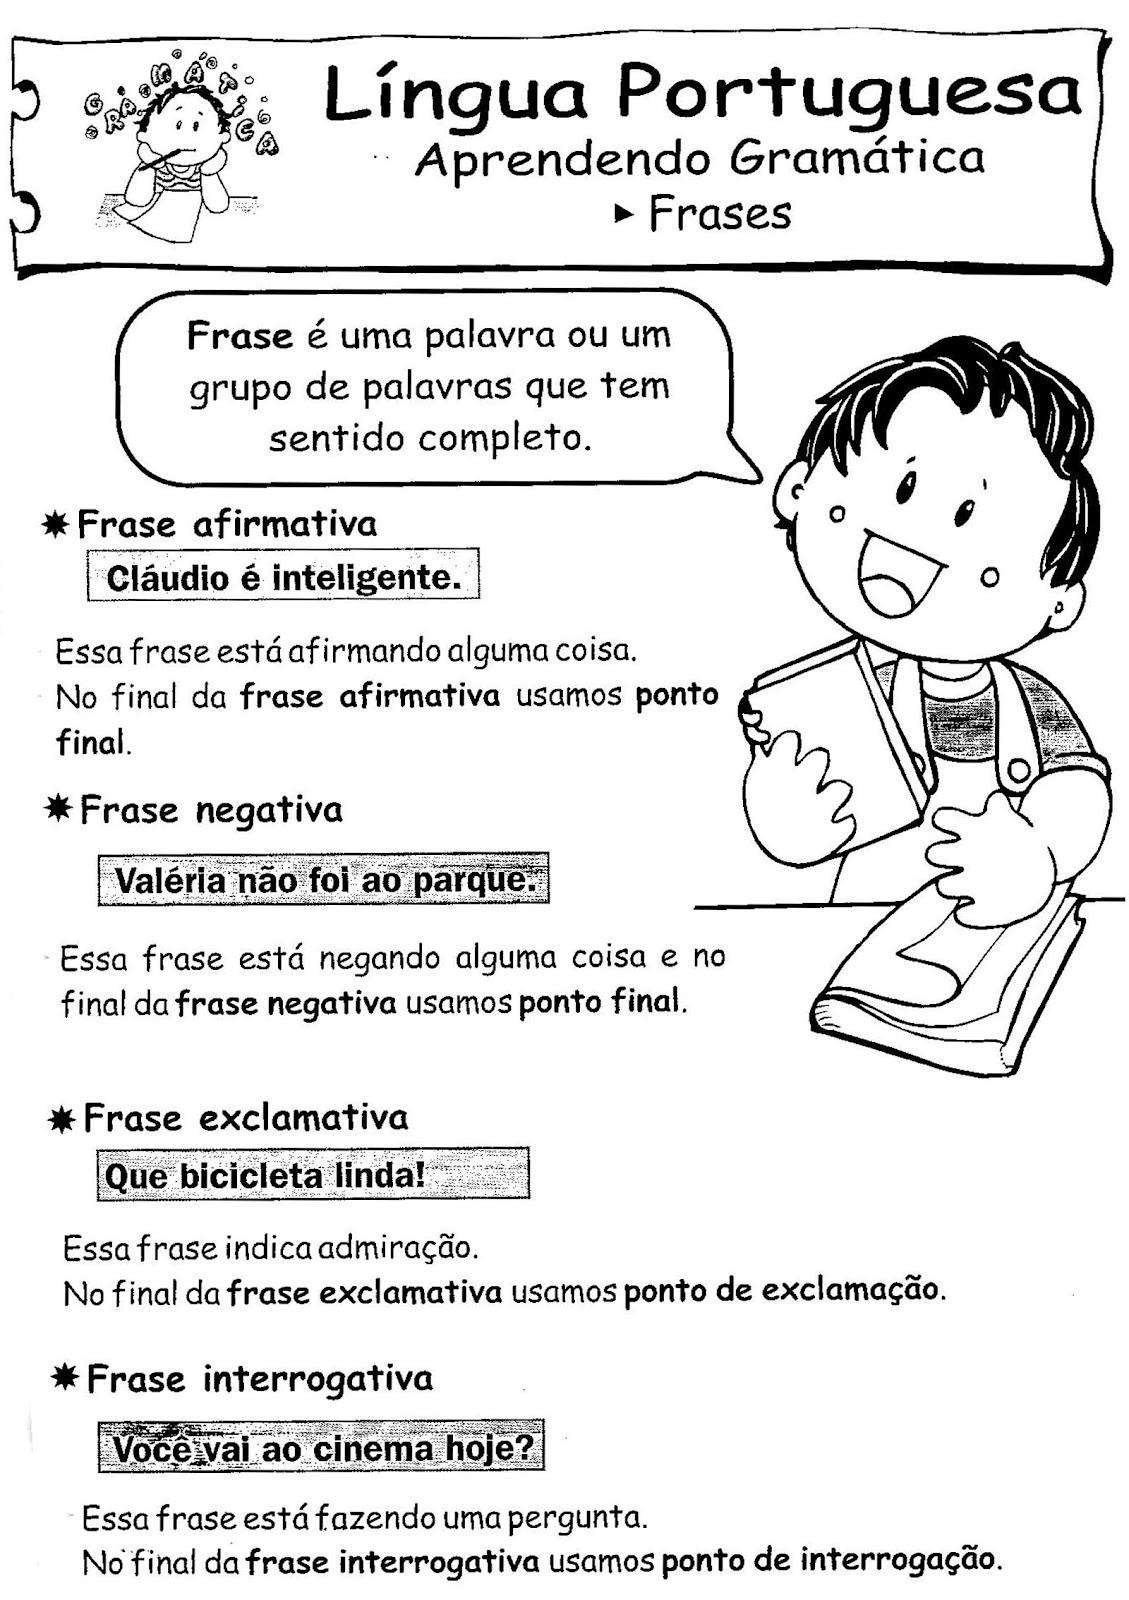 O ensino da gramática normativa no ensino fundamental destinado a desaparecer como adequar o ensino gramatic 10